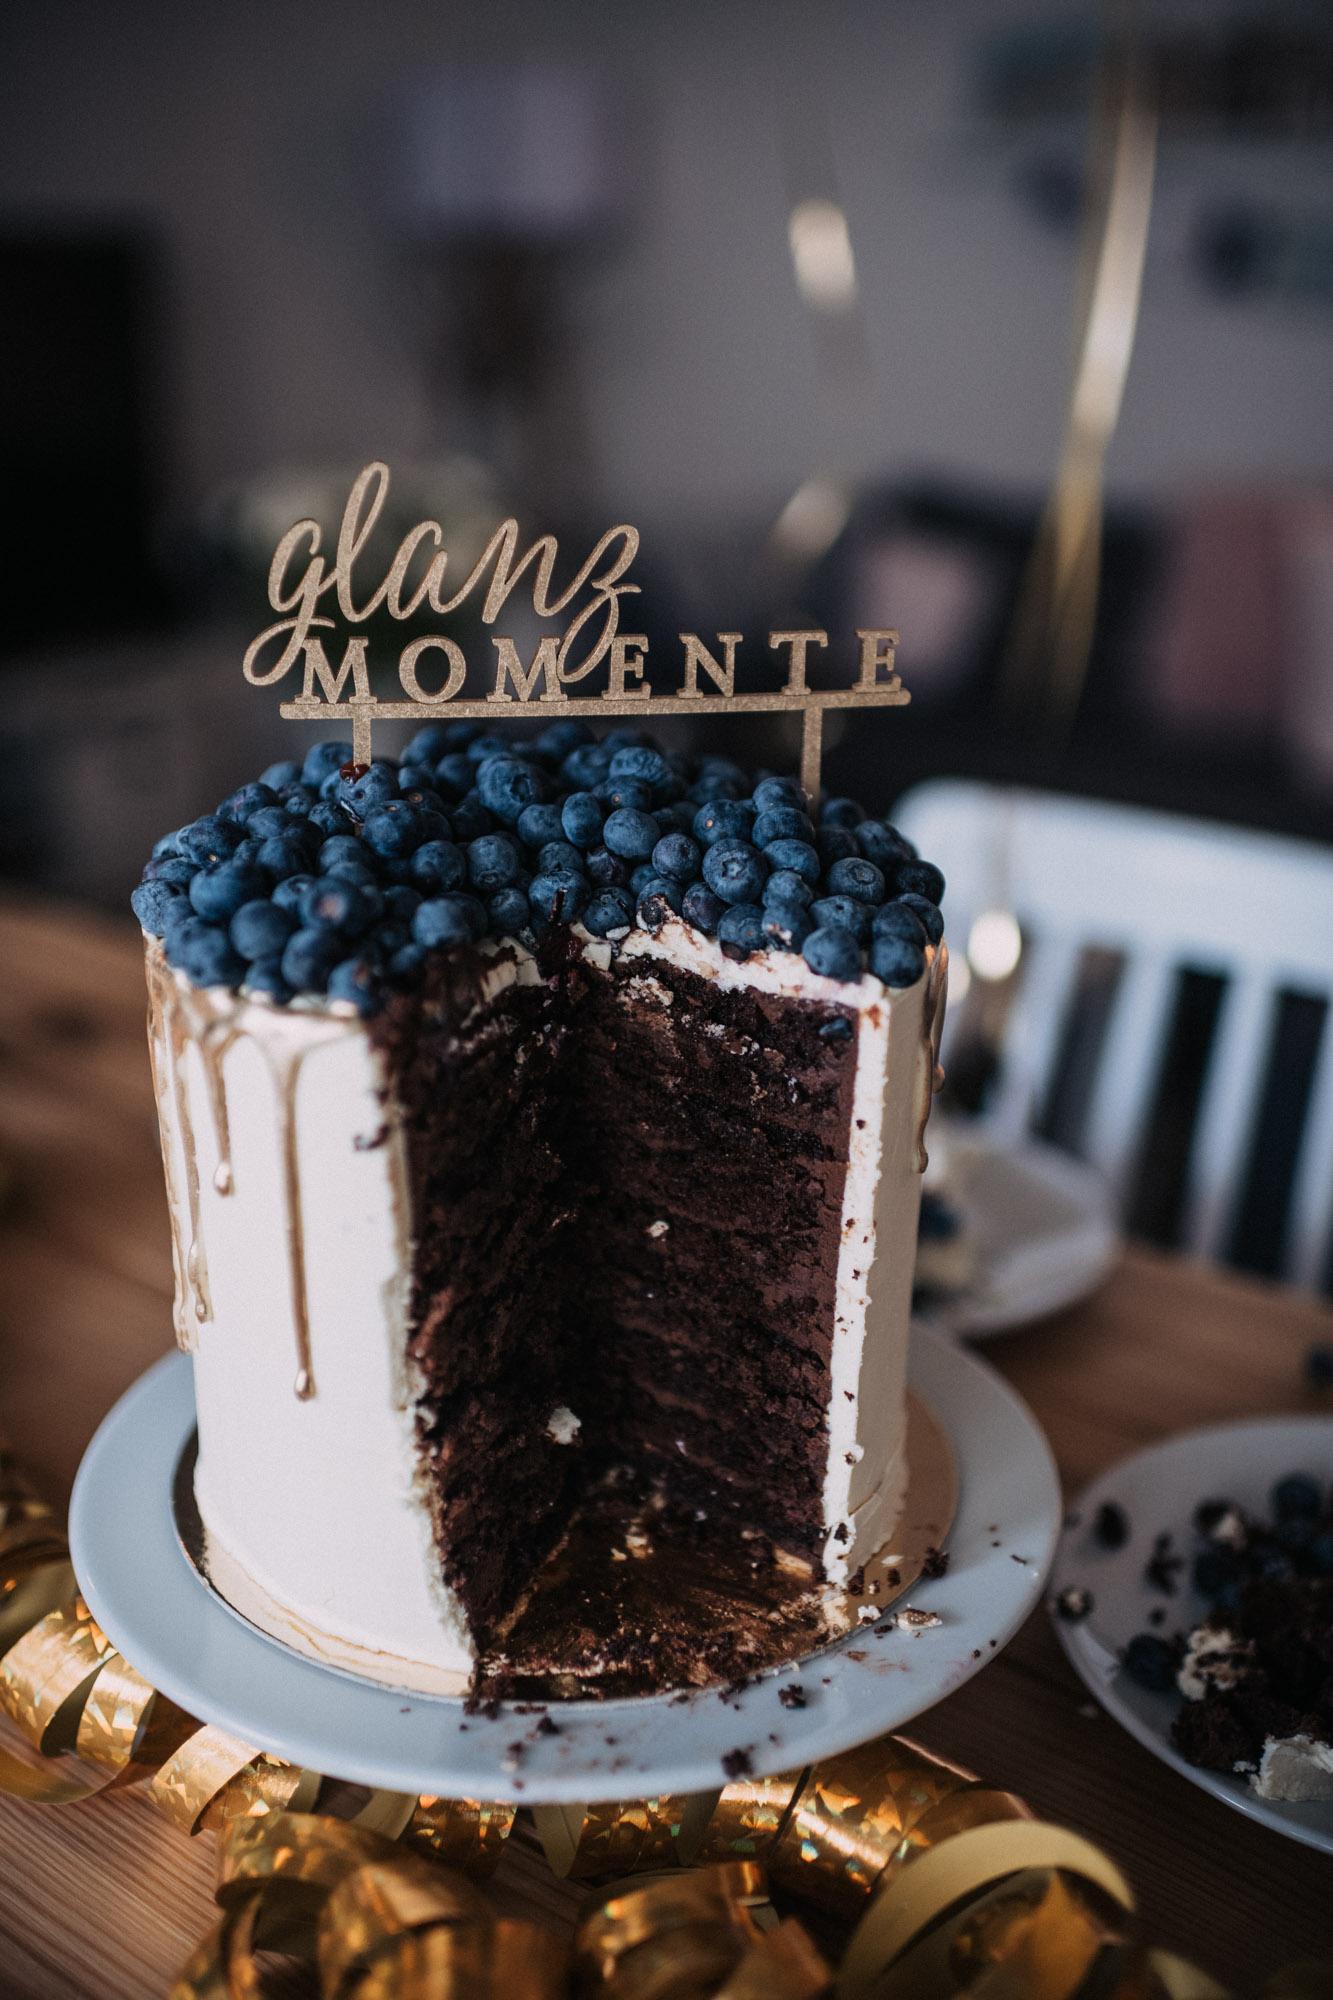 glanzmomente-torte